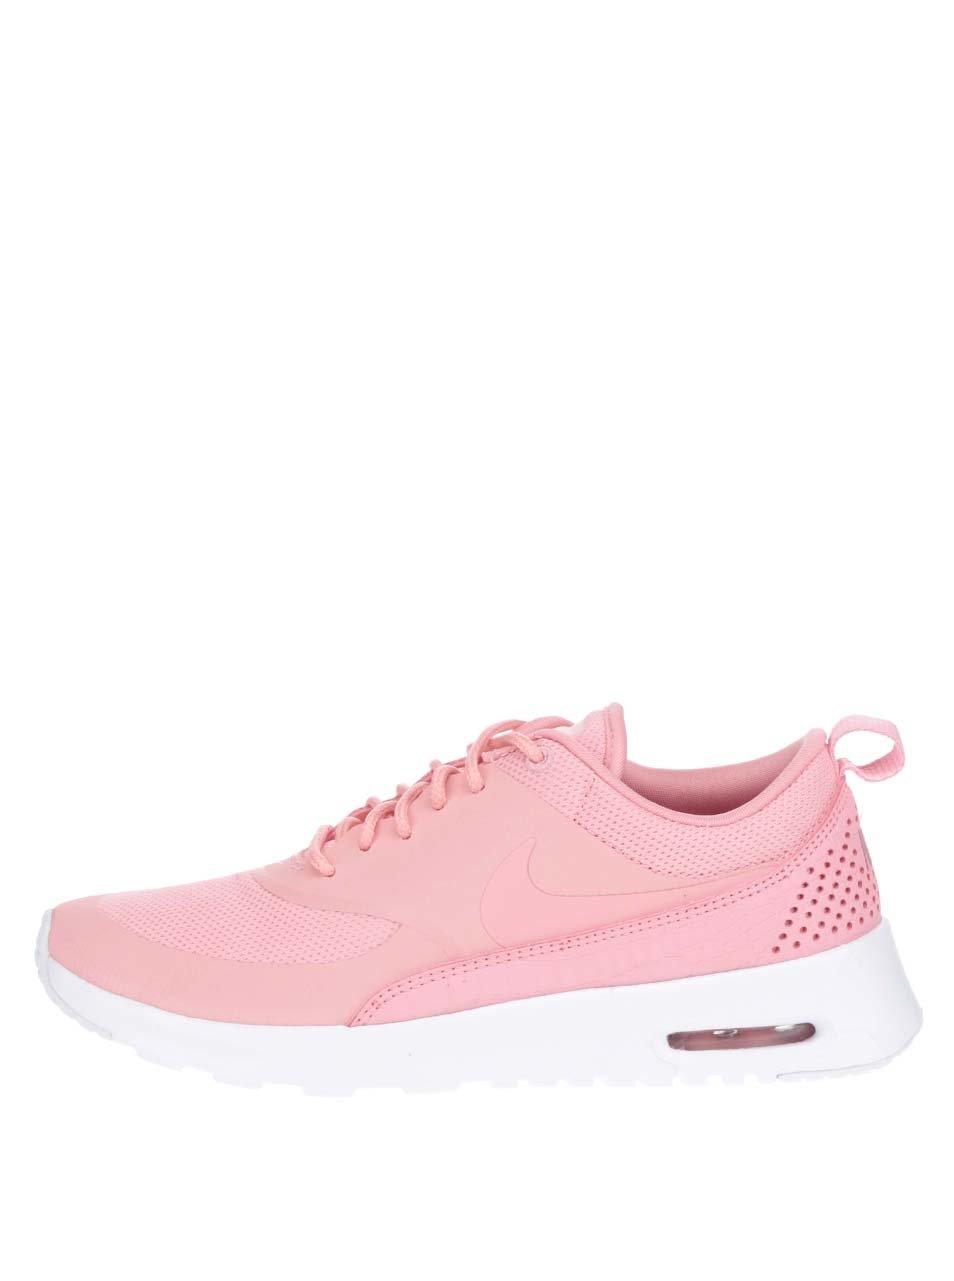 Růžové dámské tenisky Nike Air Max Thea